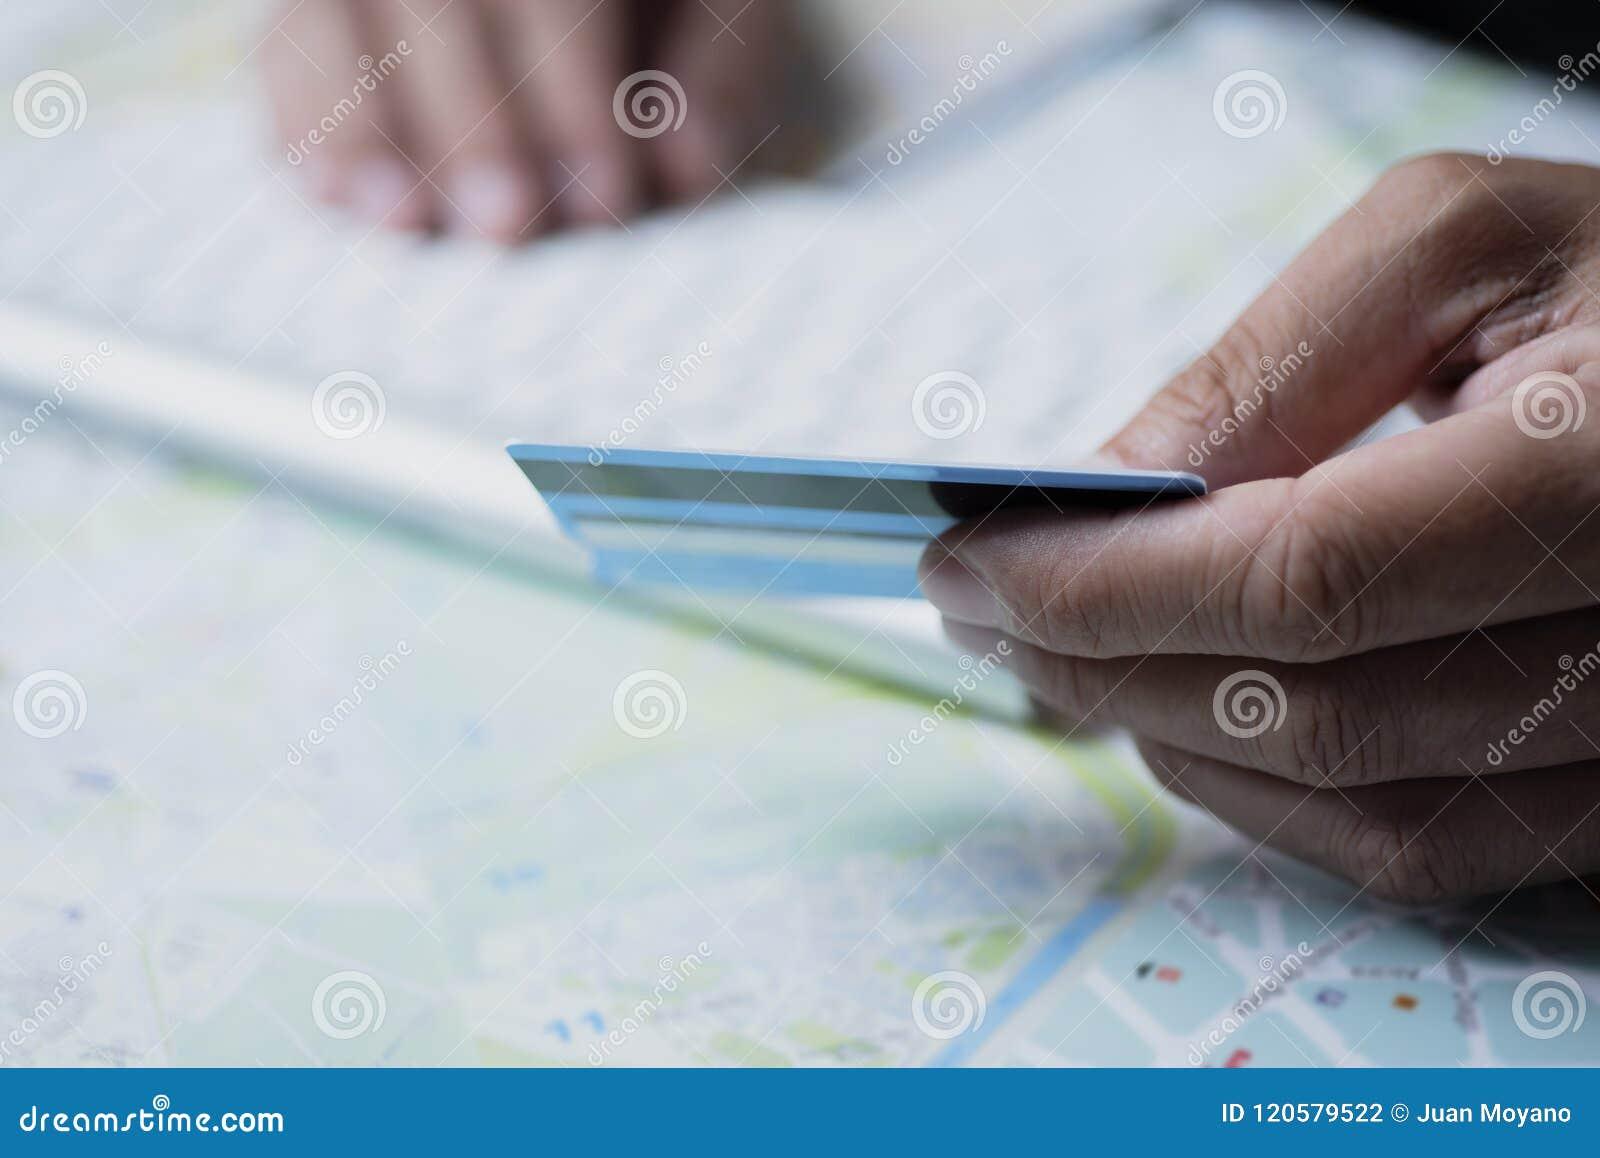 Uomo che usando una carta di credito per prenotare un viaggio